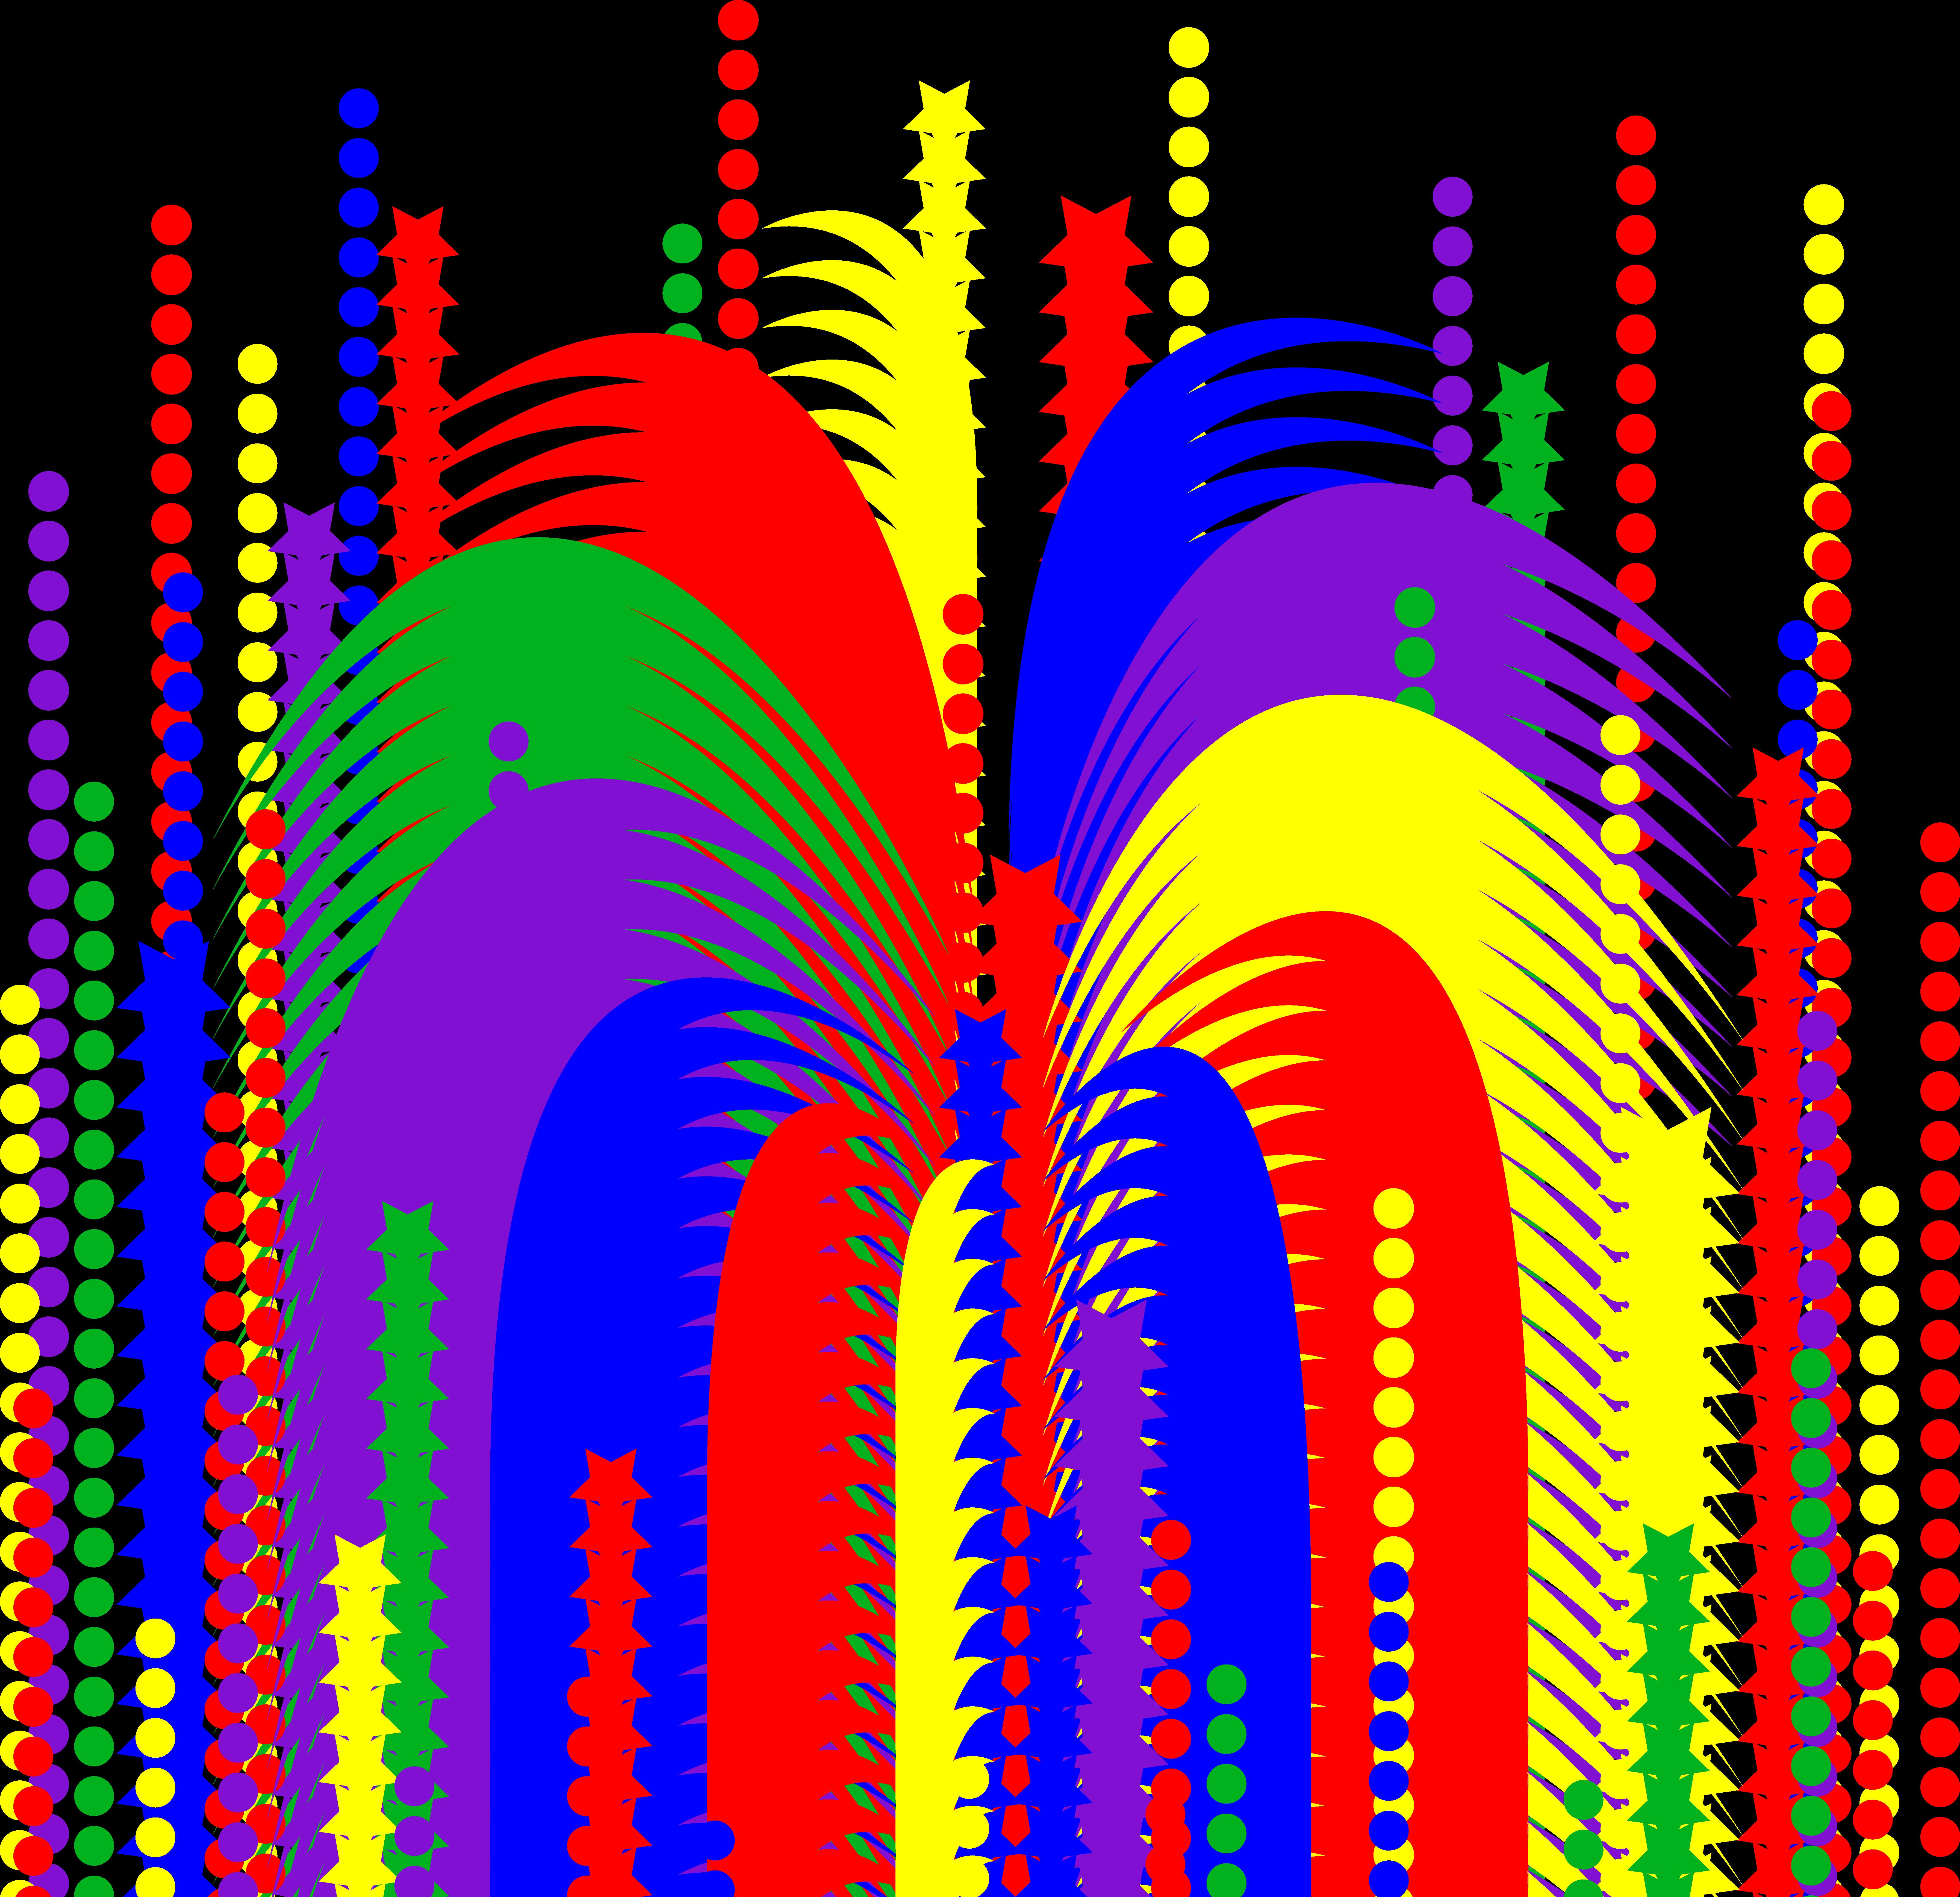 fireworks clipart no backgrou - Fireworks Clip Art